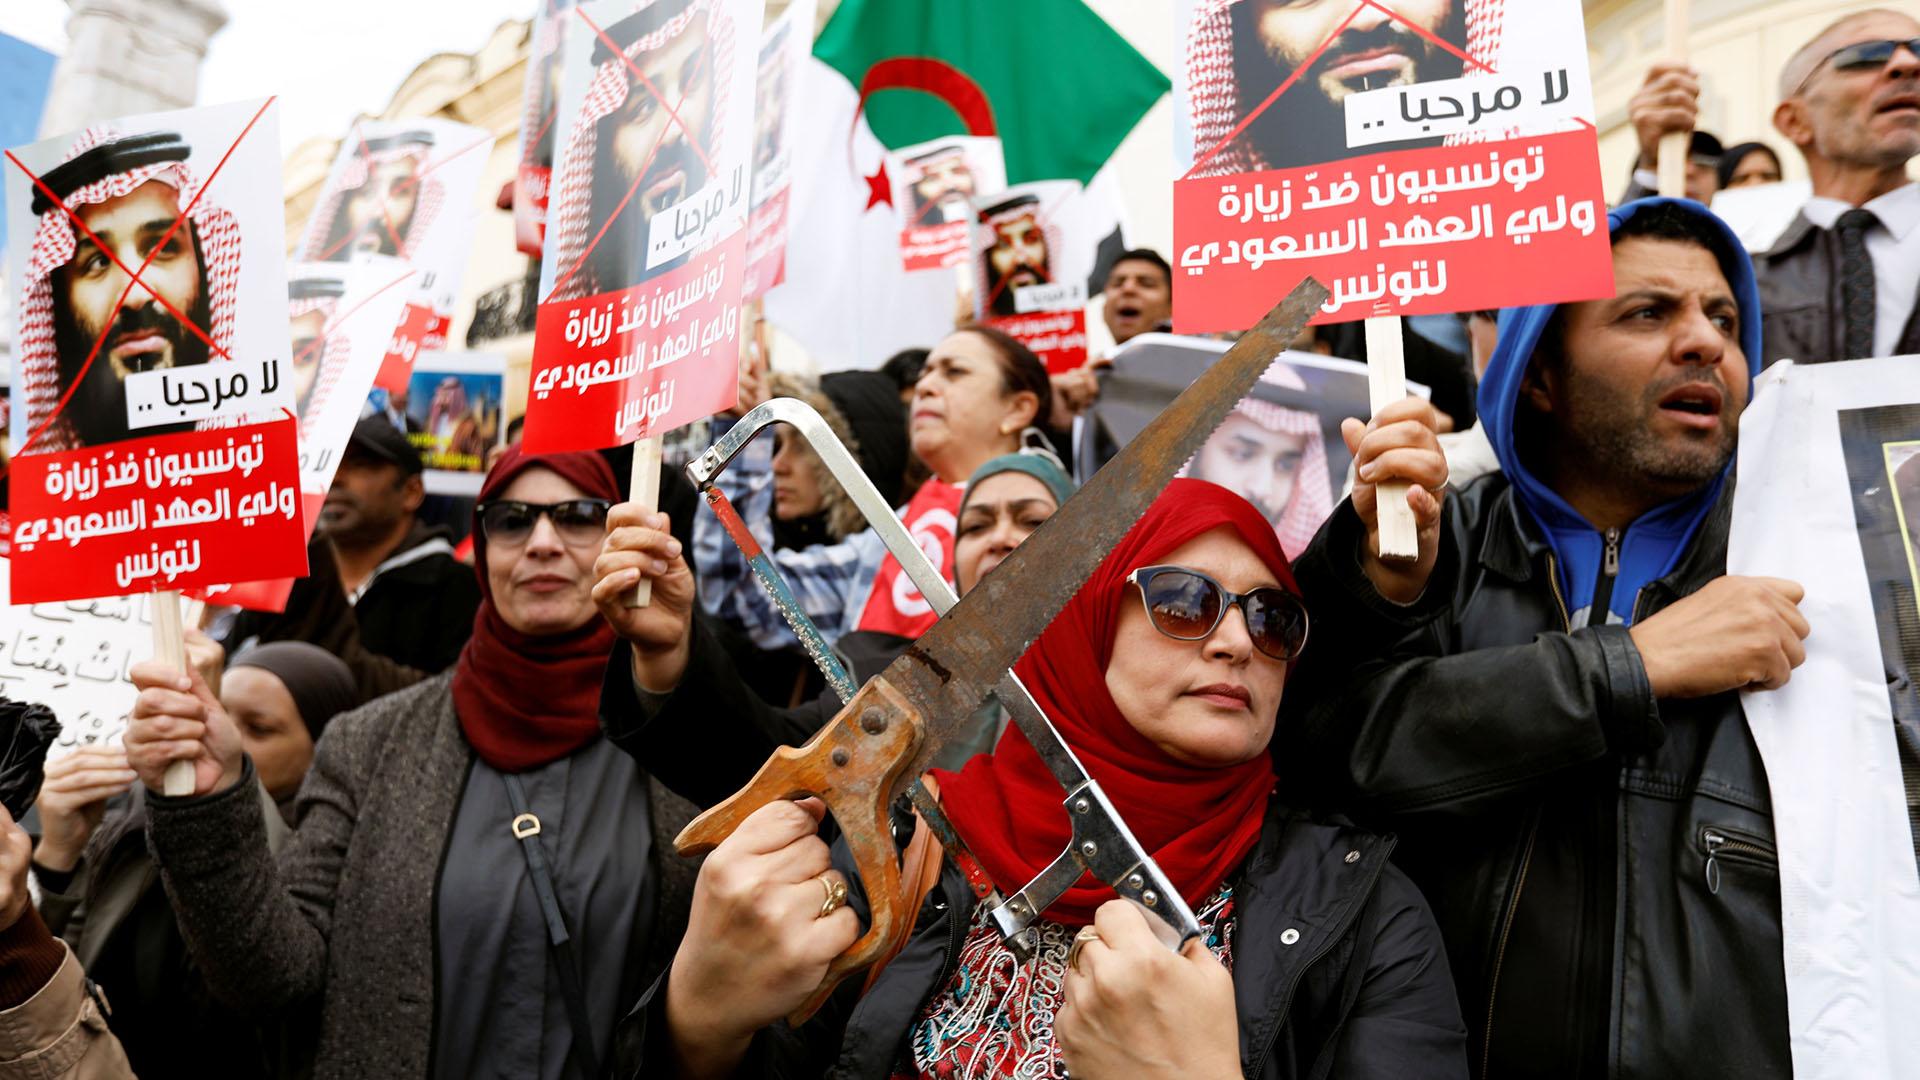 Manifestación en Túnez contra la visita al país del príncipe heredero de Arabia Saudita (REUTERS/Zoubeir Souissi)